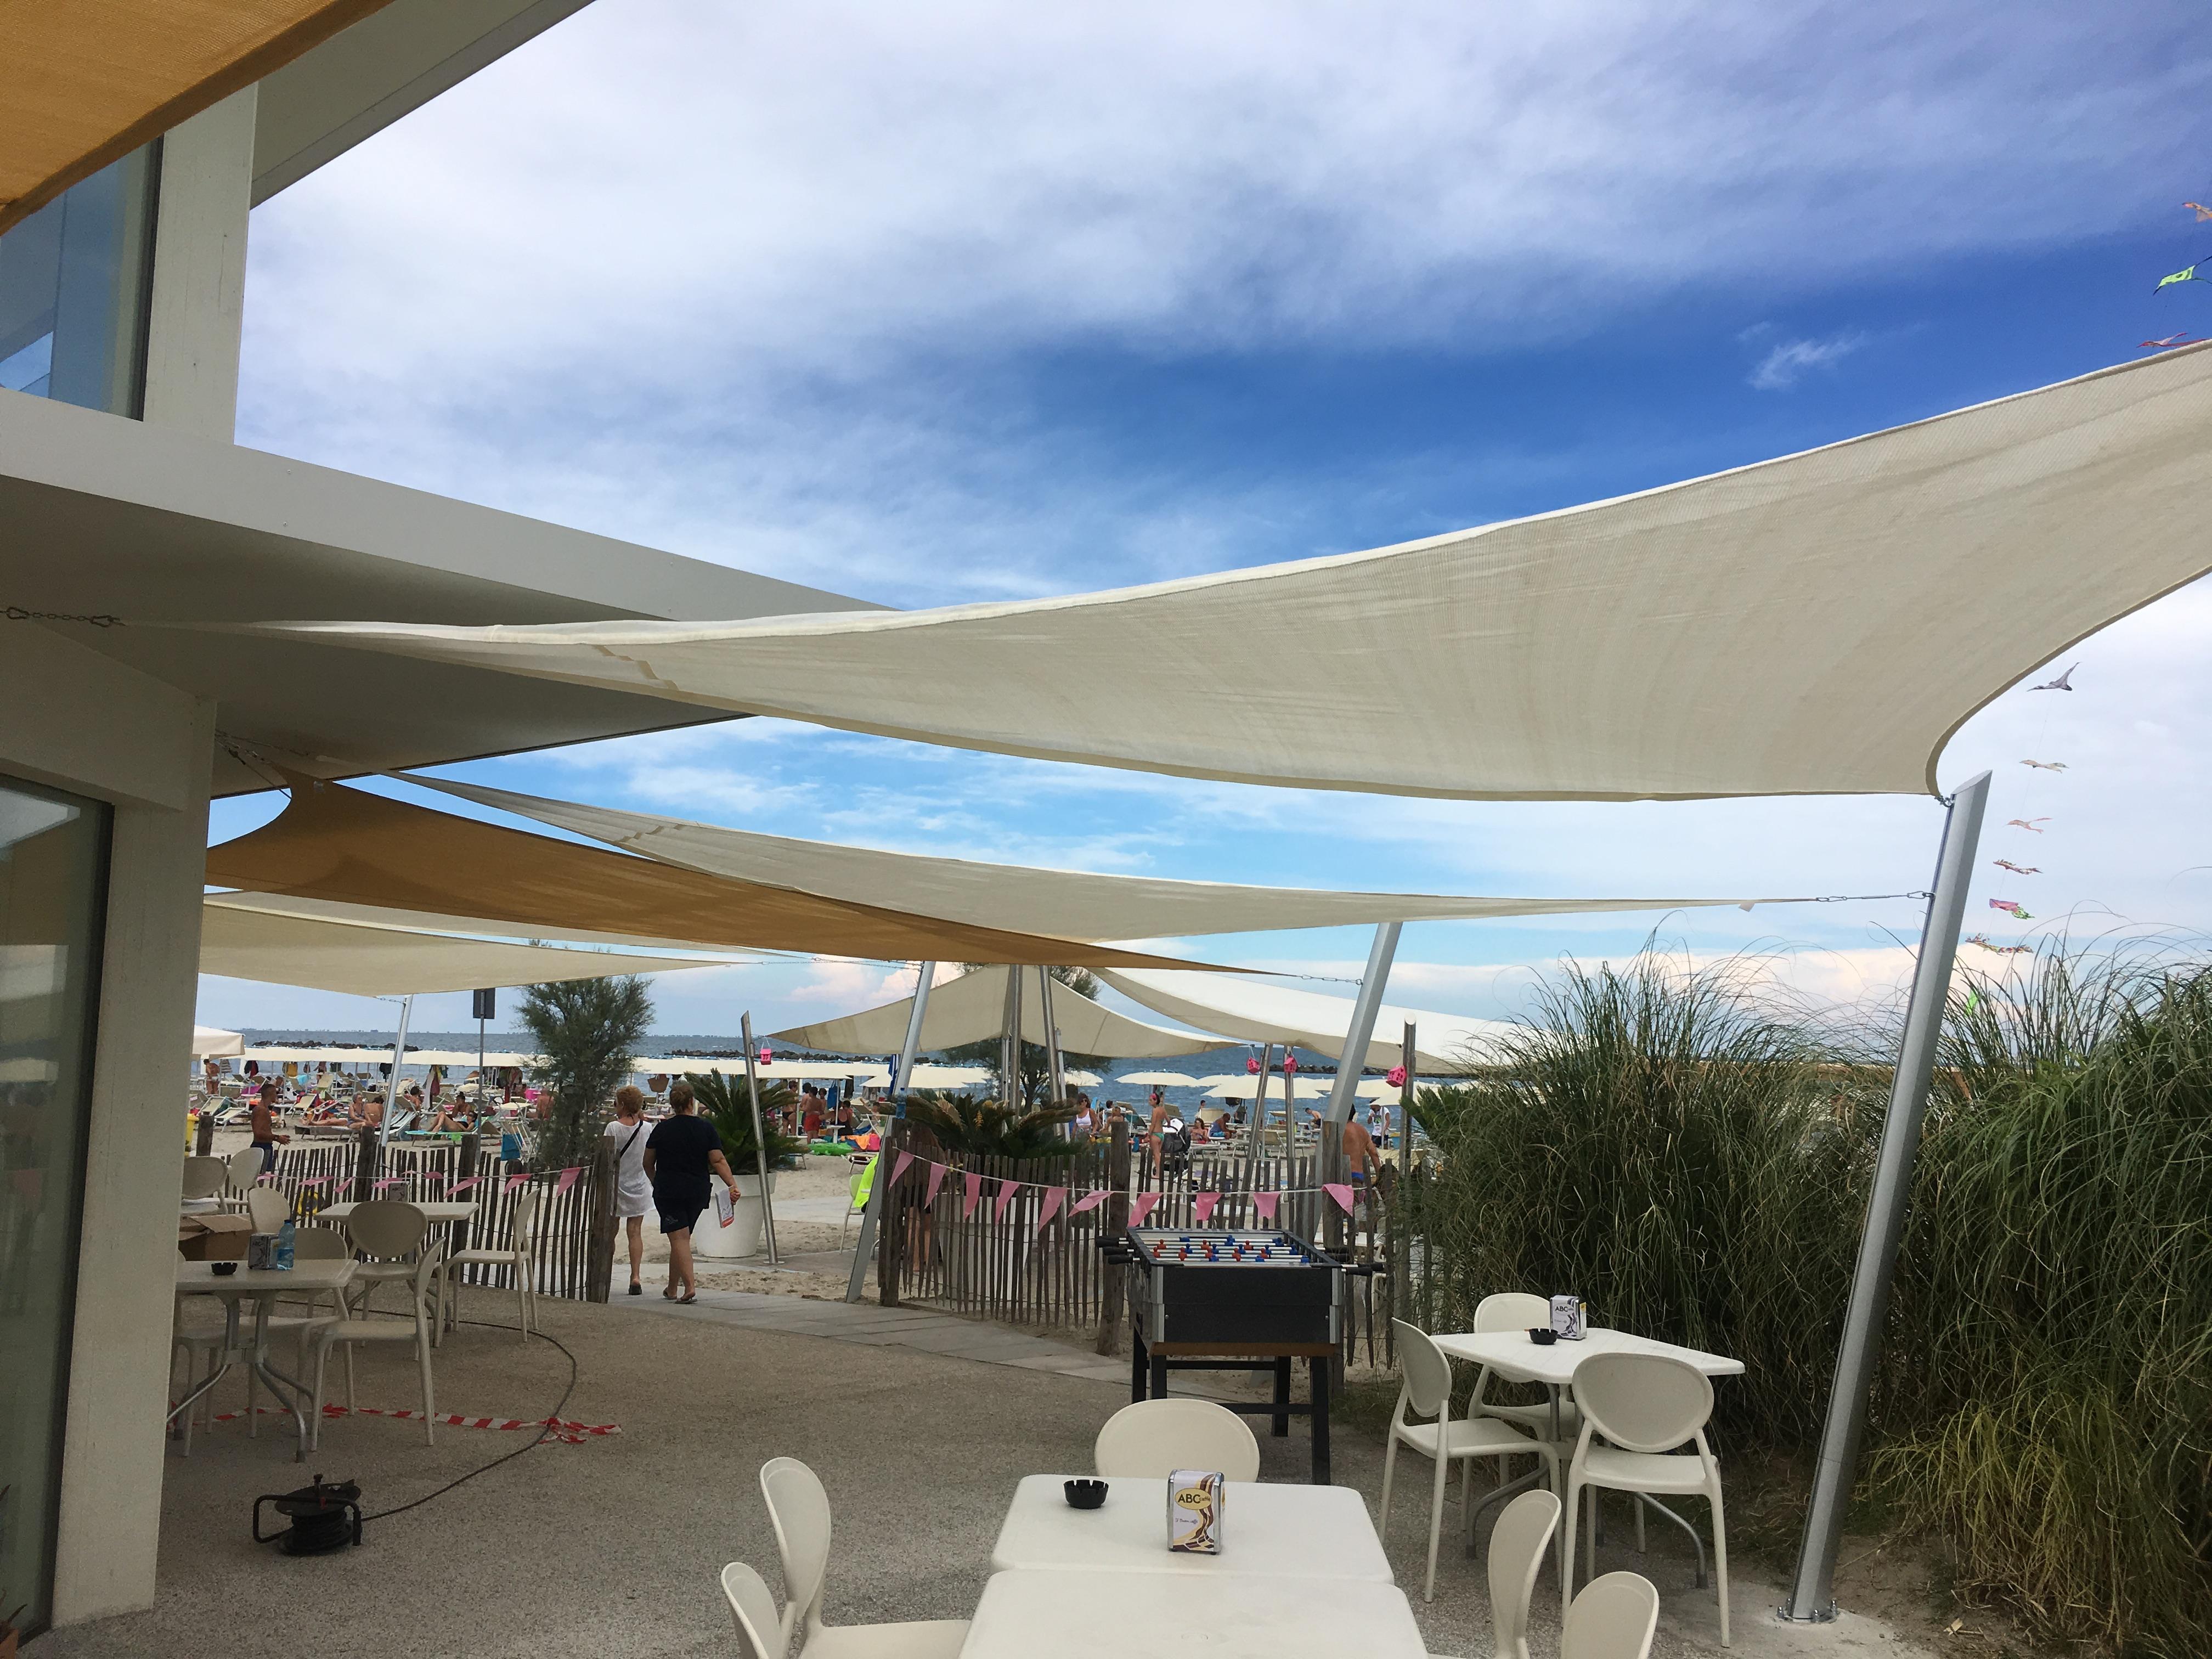 Sonnensegel Strandcafé mit Masten